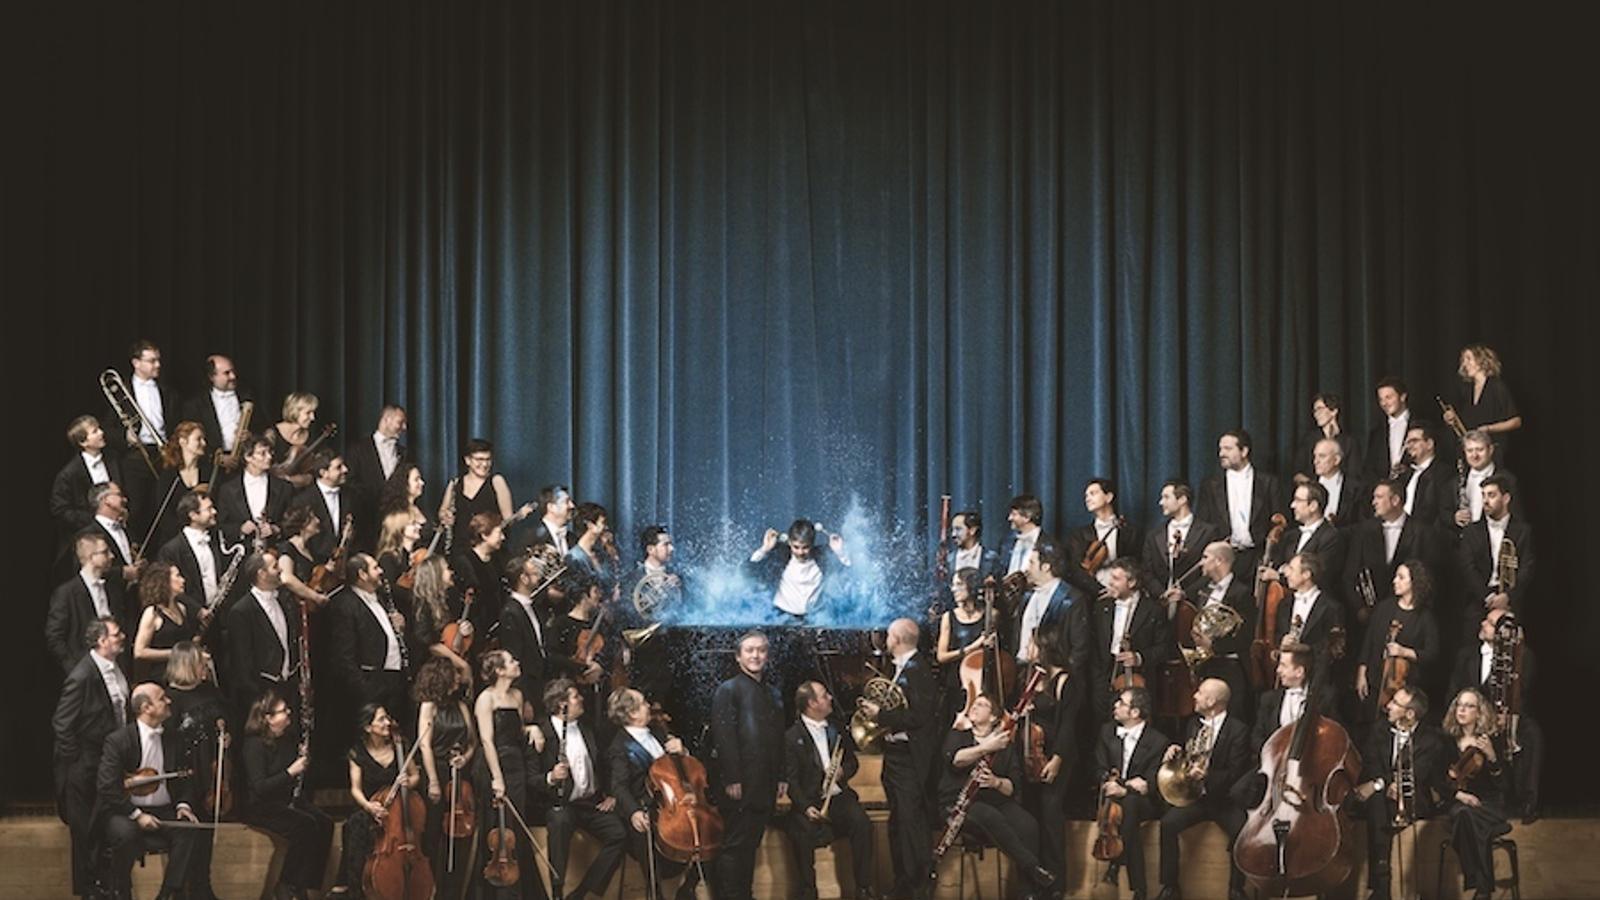 El centenari de Bernstein brilla en la nova temporada de l'OBC